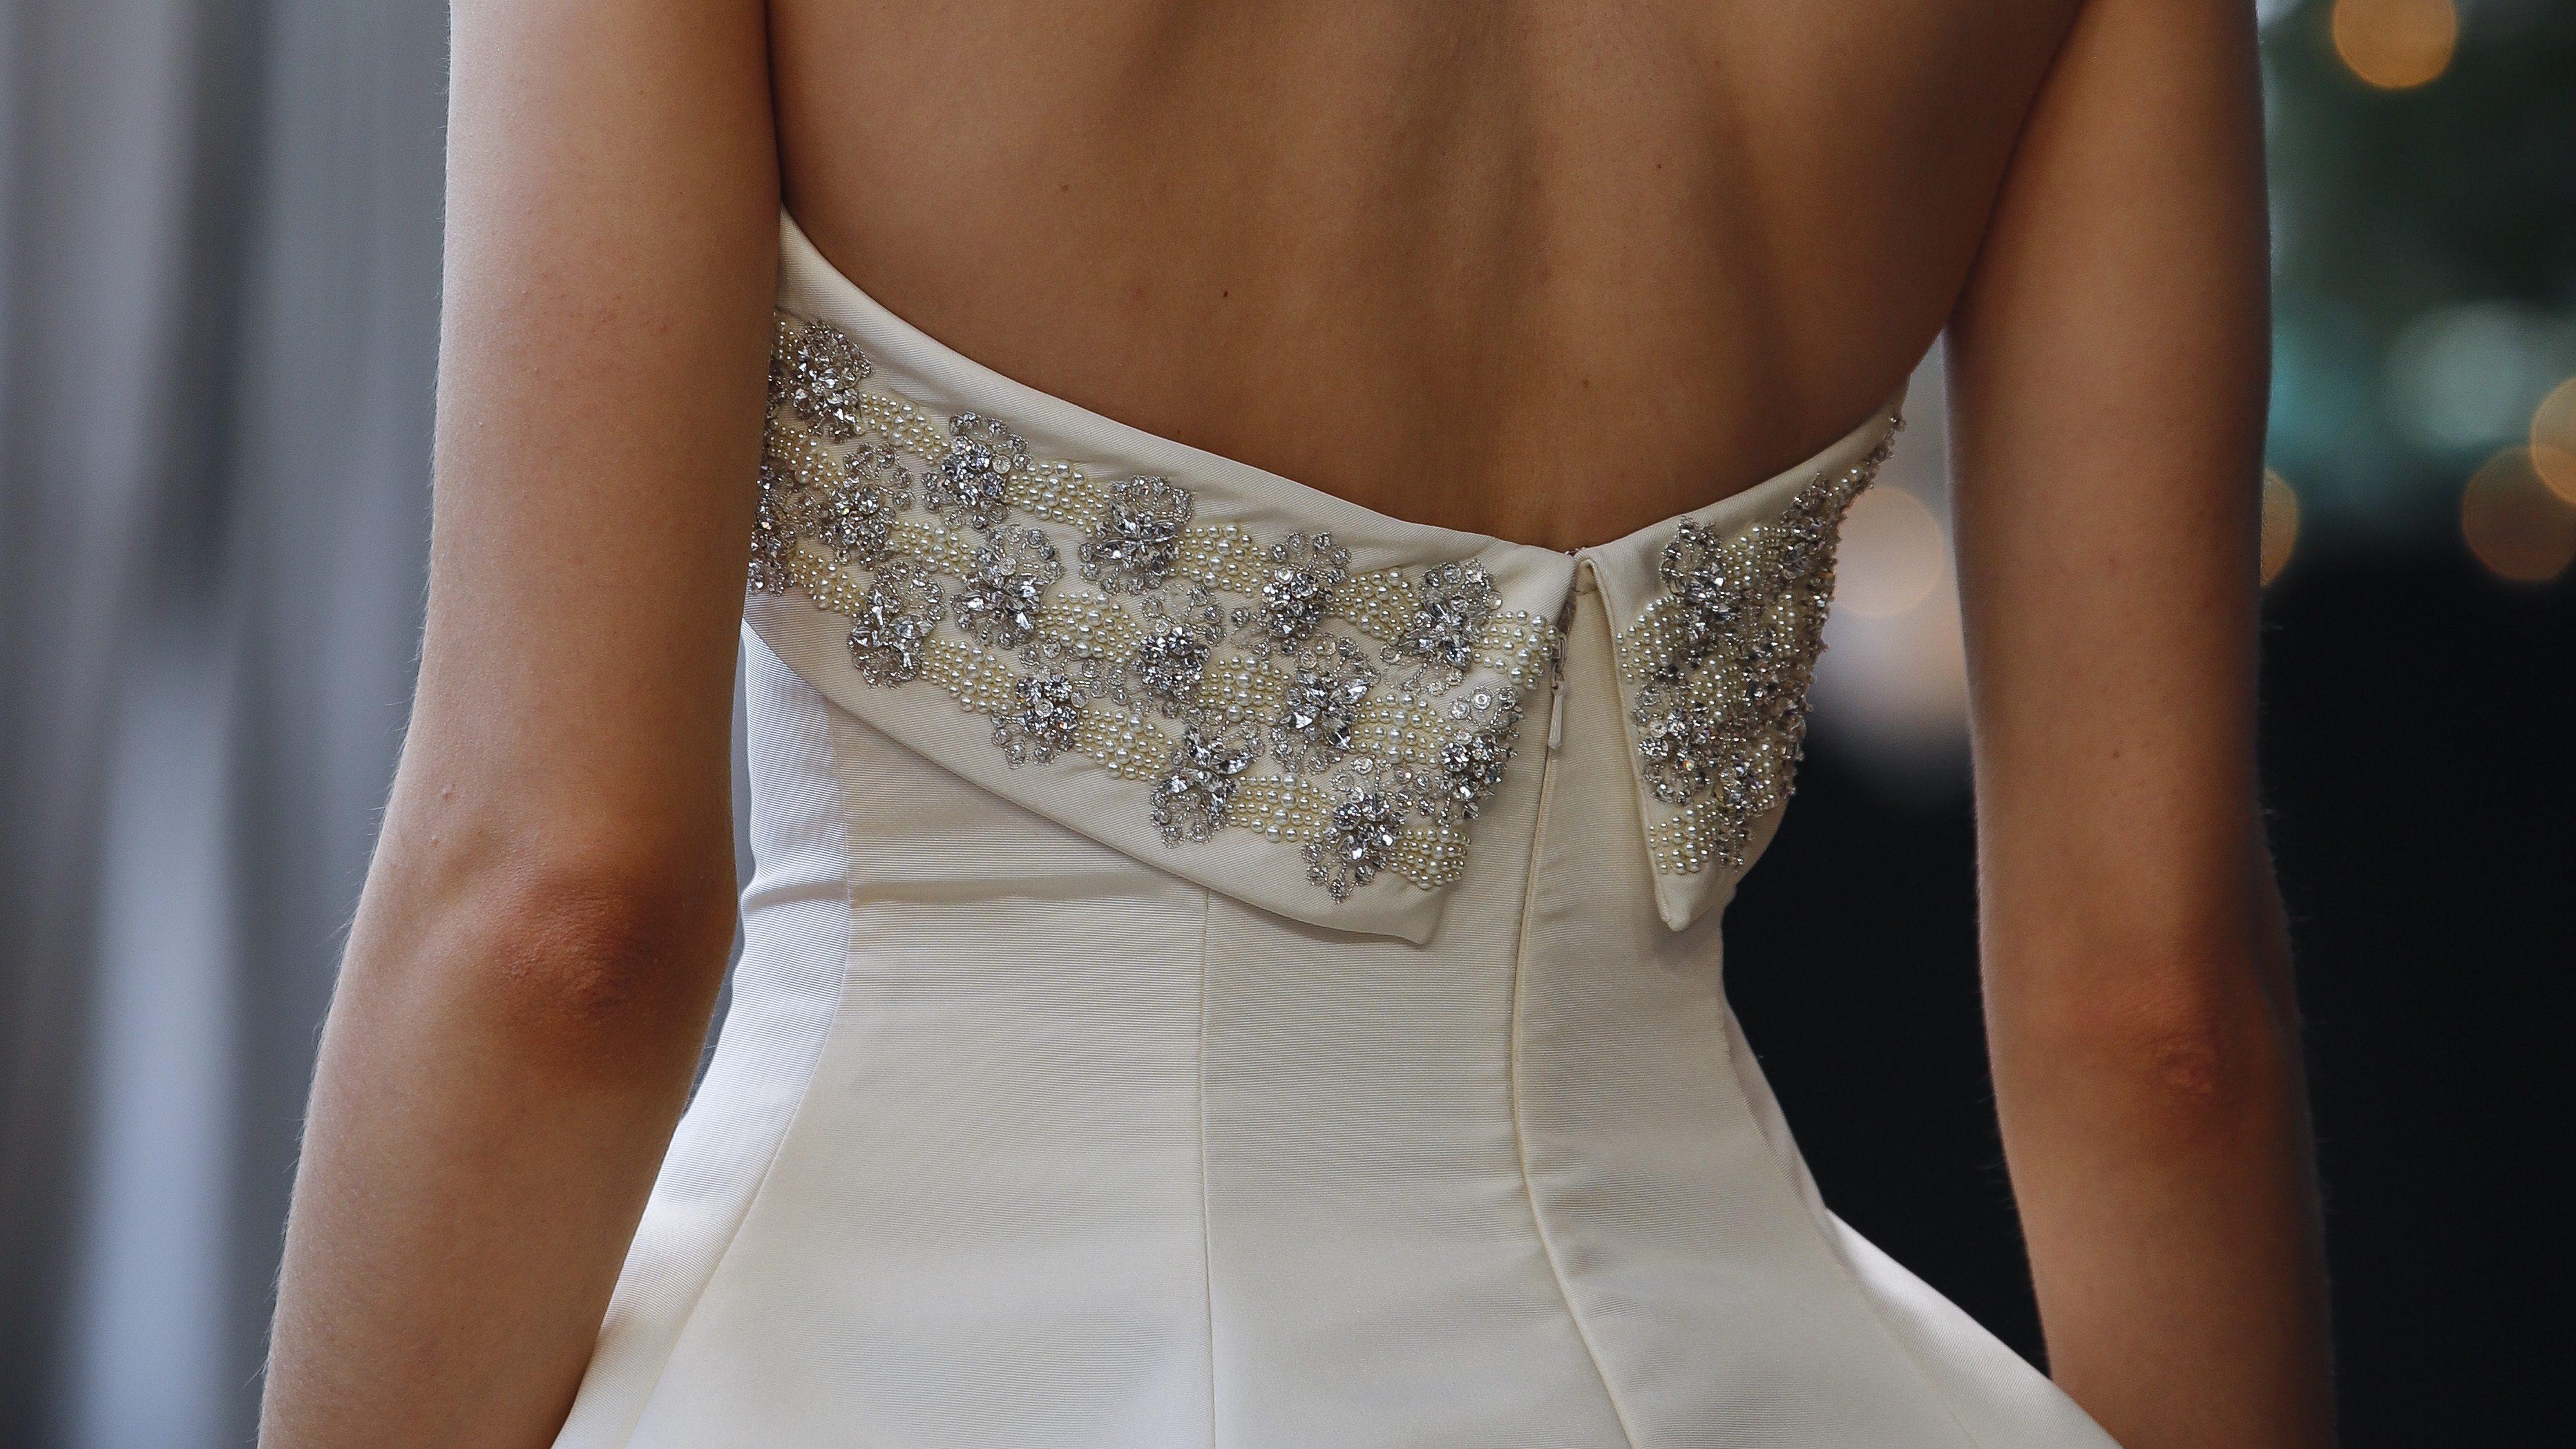 A woman models a wedding dress